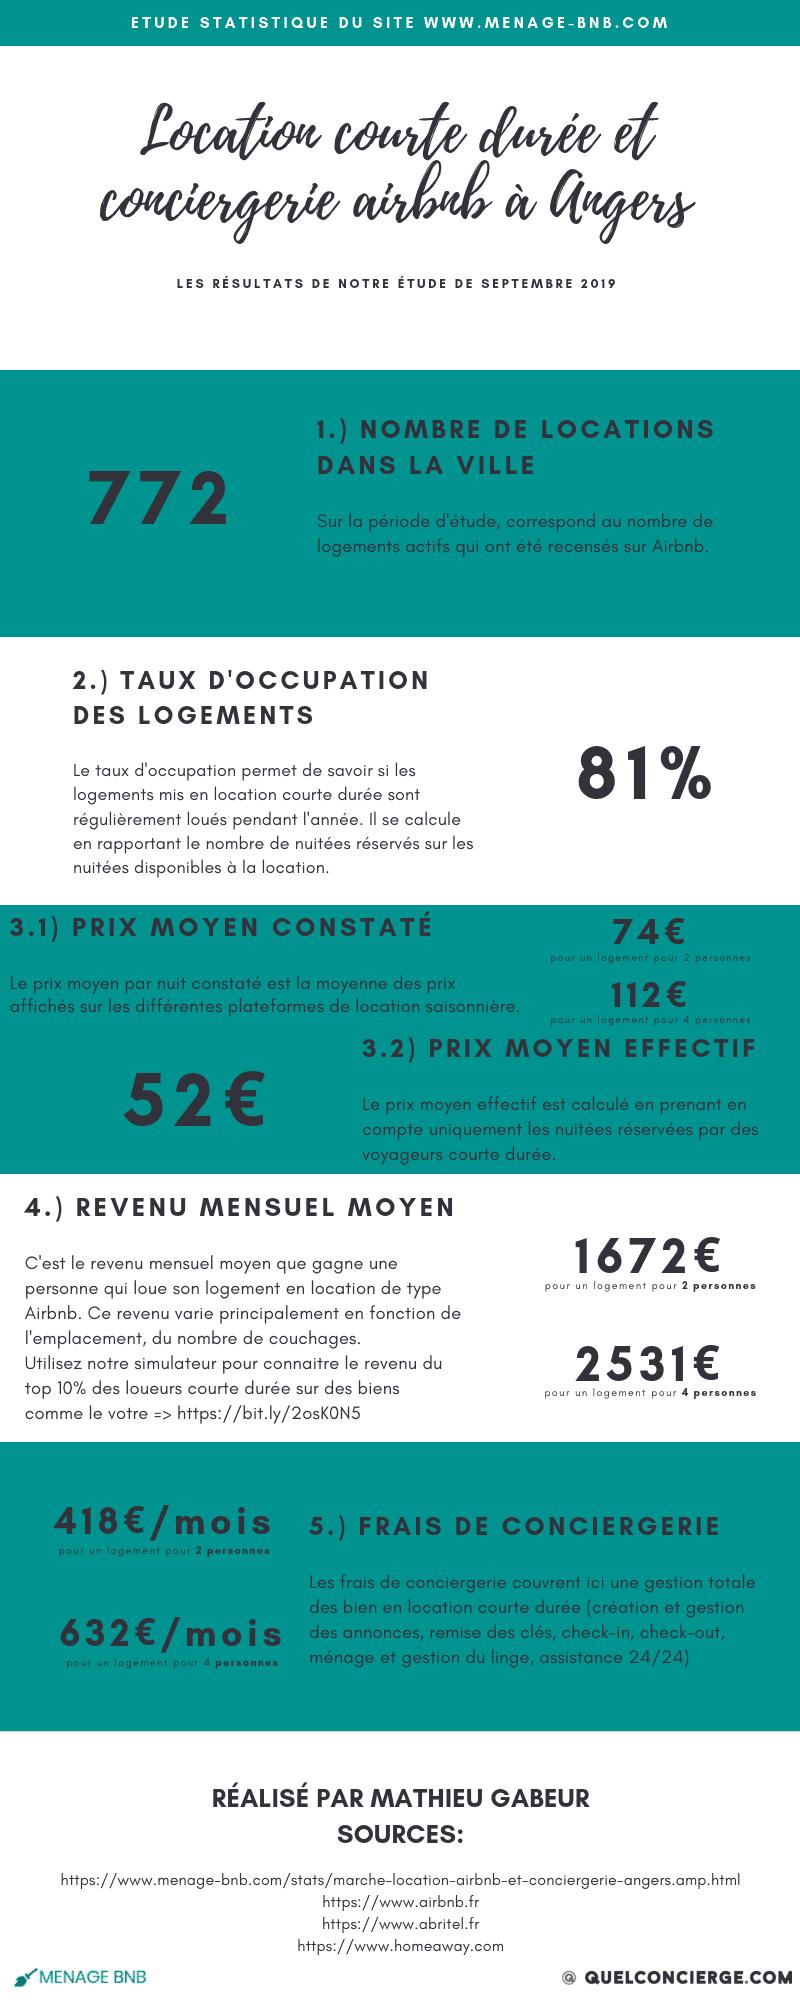 Infographie statistique location courte durée et conciergerie Airbnb à angers